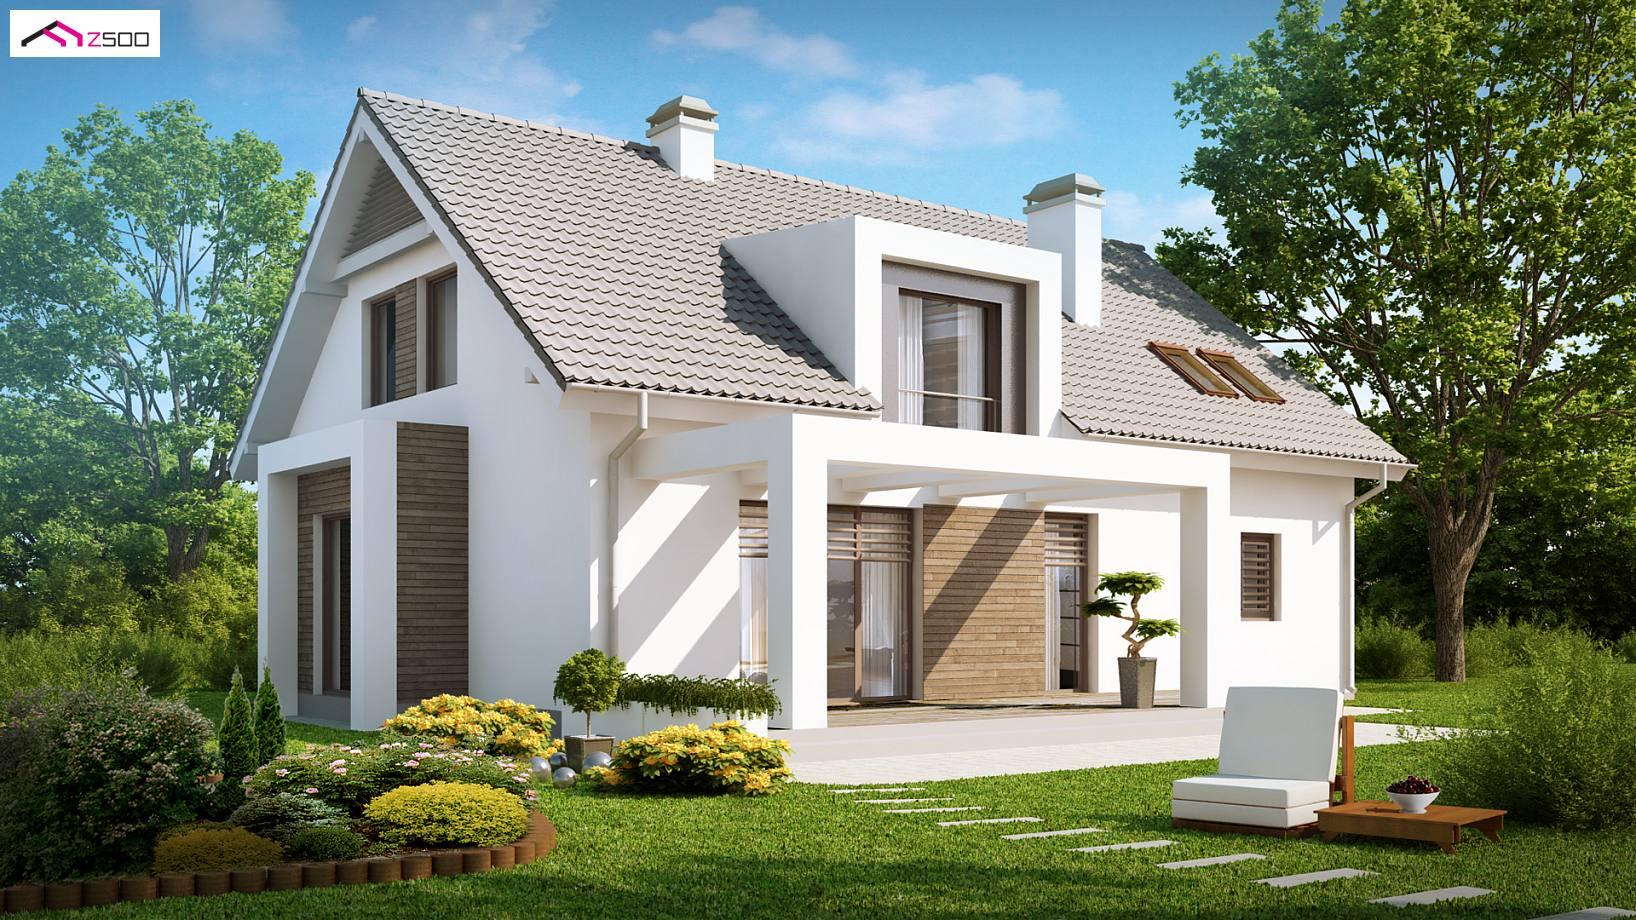 Projekt domu z236 dom z poddaszem u ytkowym nowoczesn - Casas con buhardilla ...